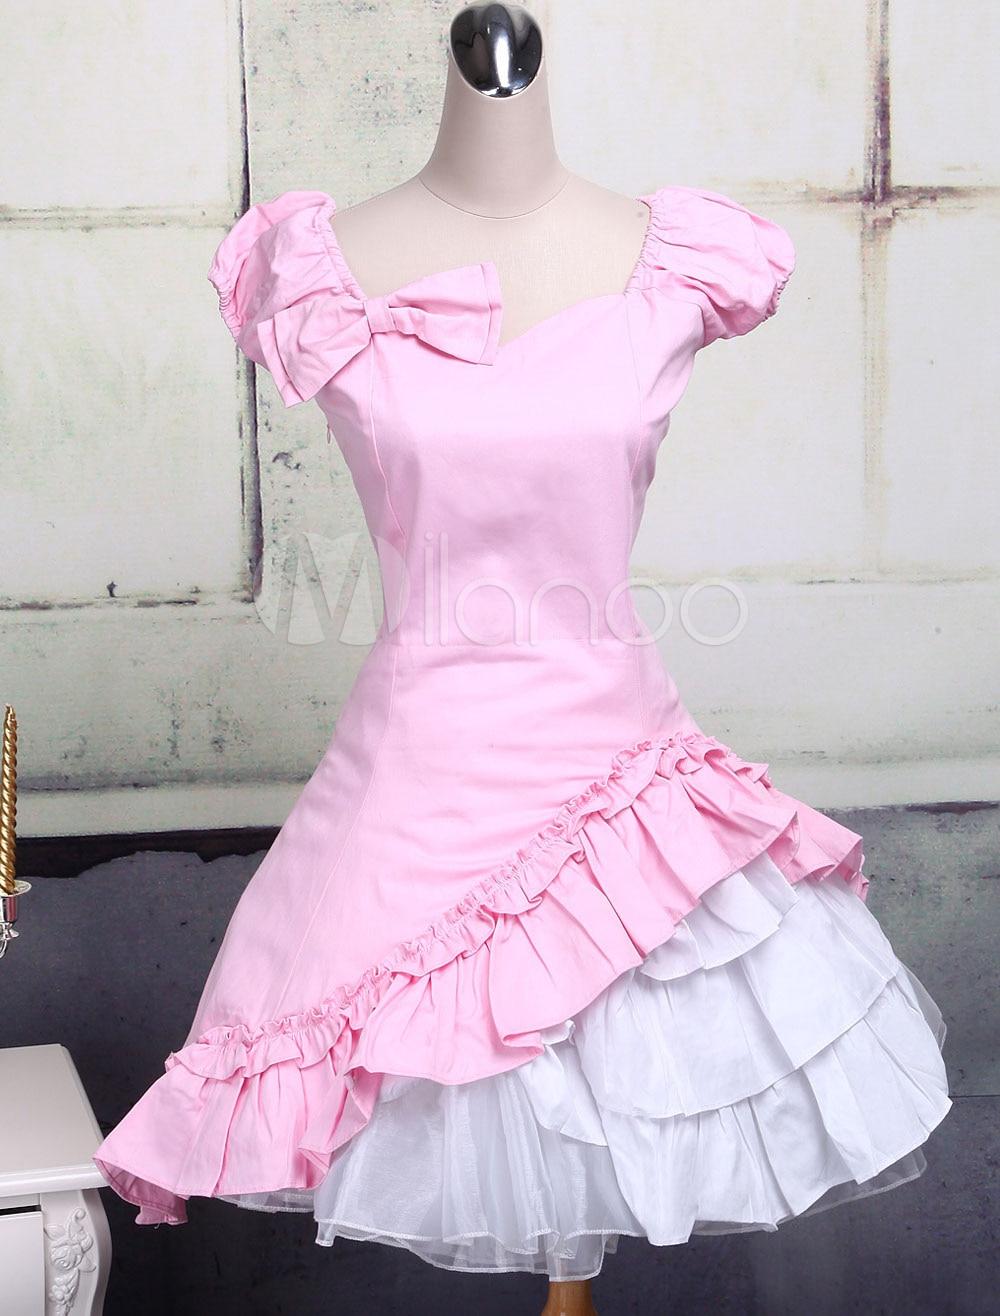 Здесь продается  Classic Cotton Short Sleeves Ruffle Lolita Dress  Одежда и аксессуары